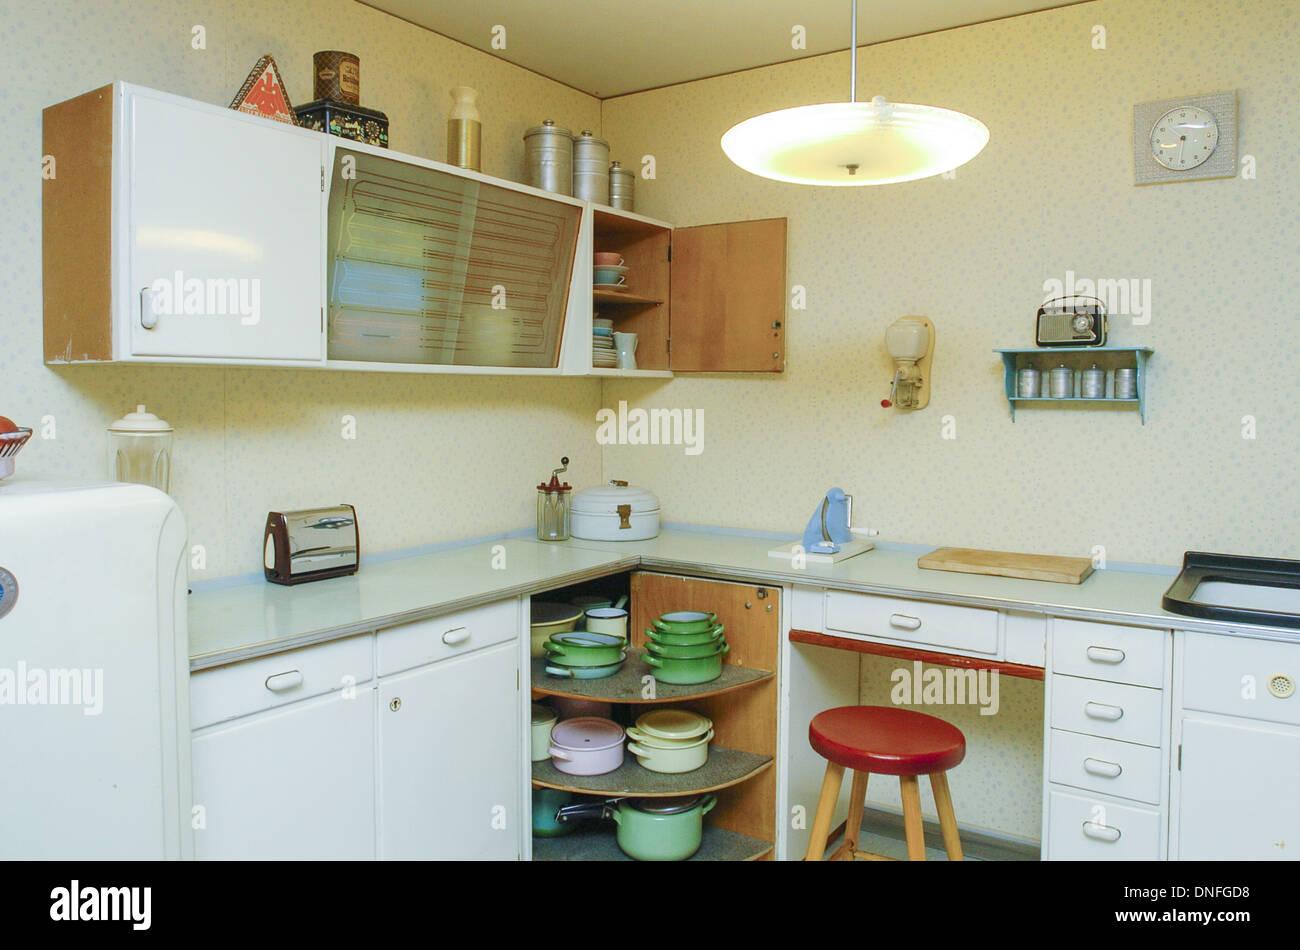 Tolle 50s Themed Küche Galerie - Ideen Für Die Küche Dekoration ...